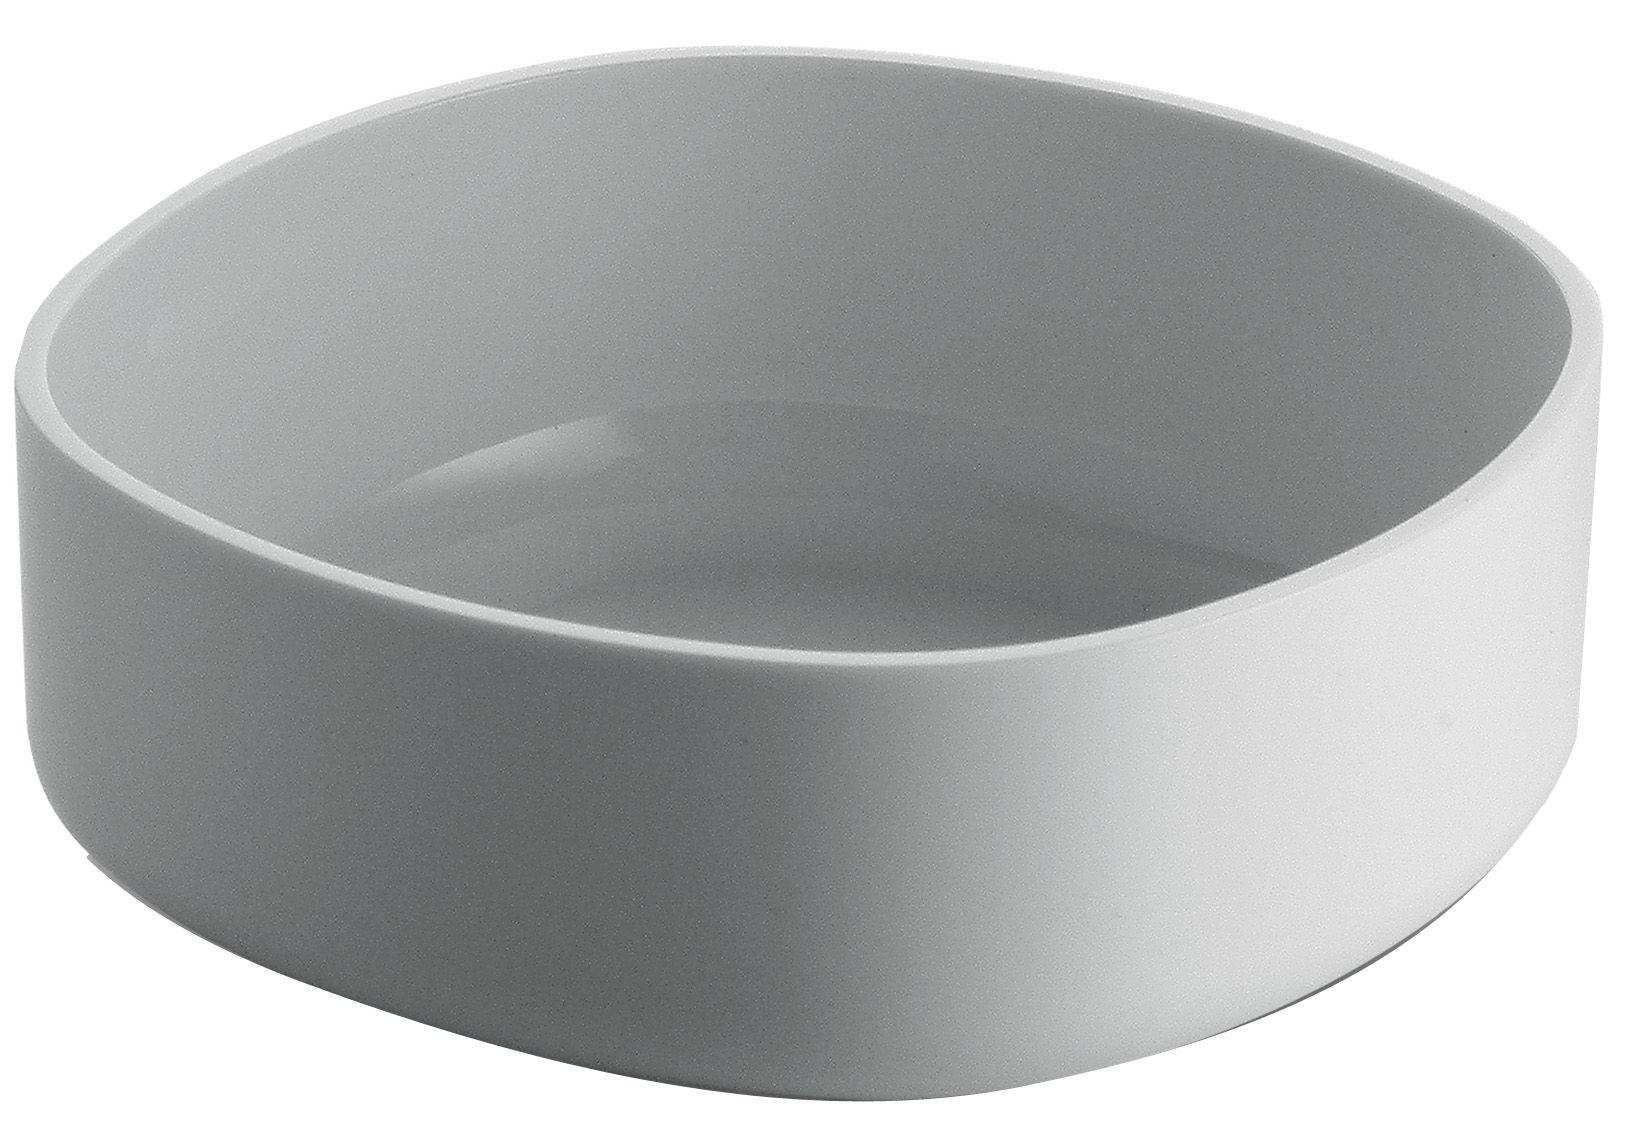 Déco - Salle de bains - Coupe Birillo - Alessi - Blanc - PMMA